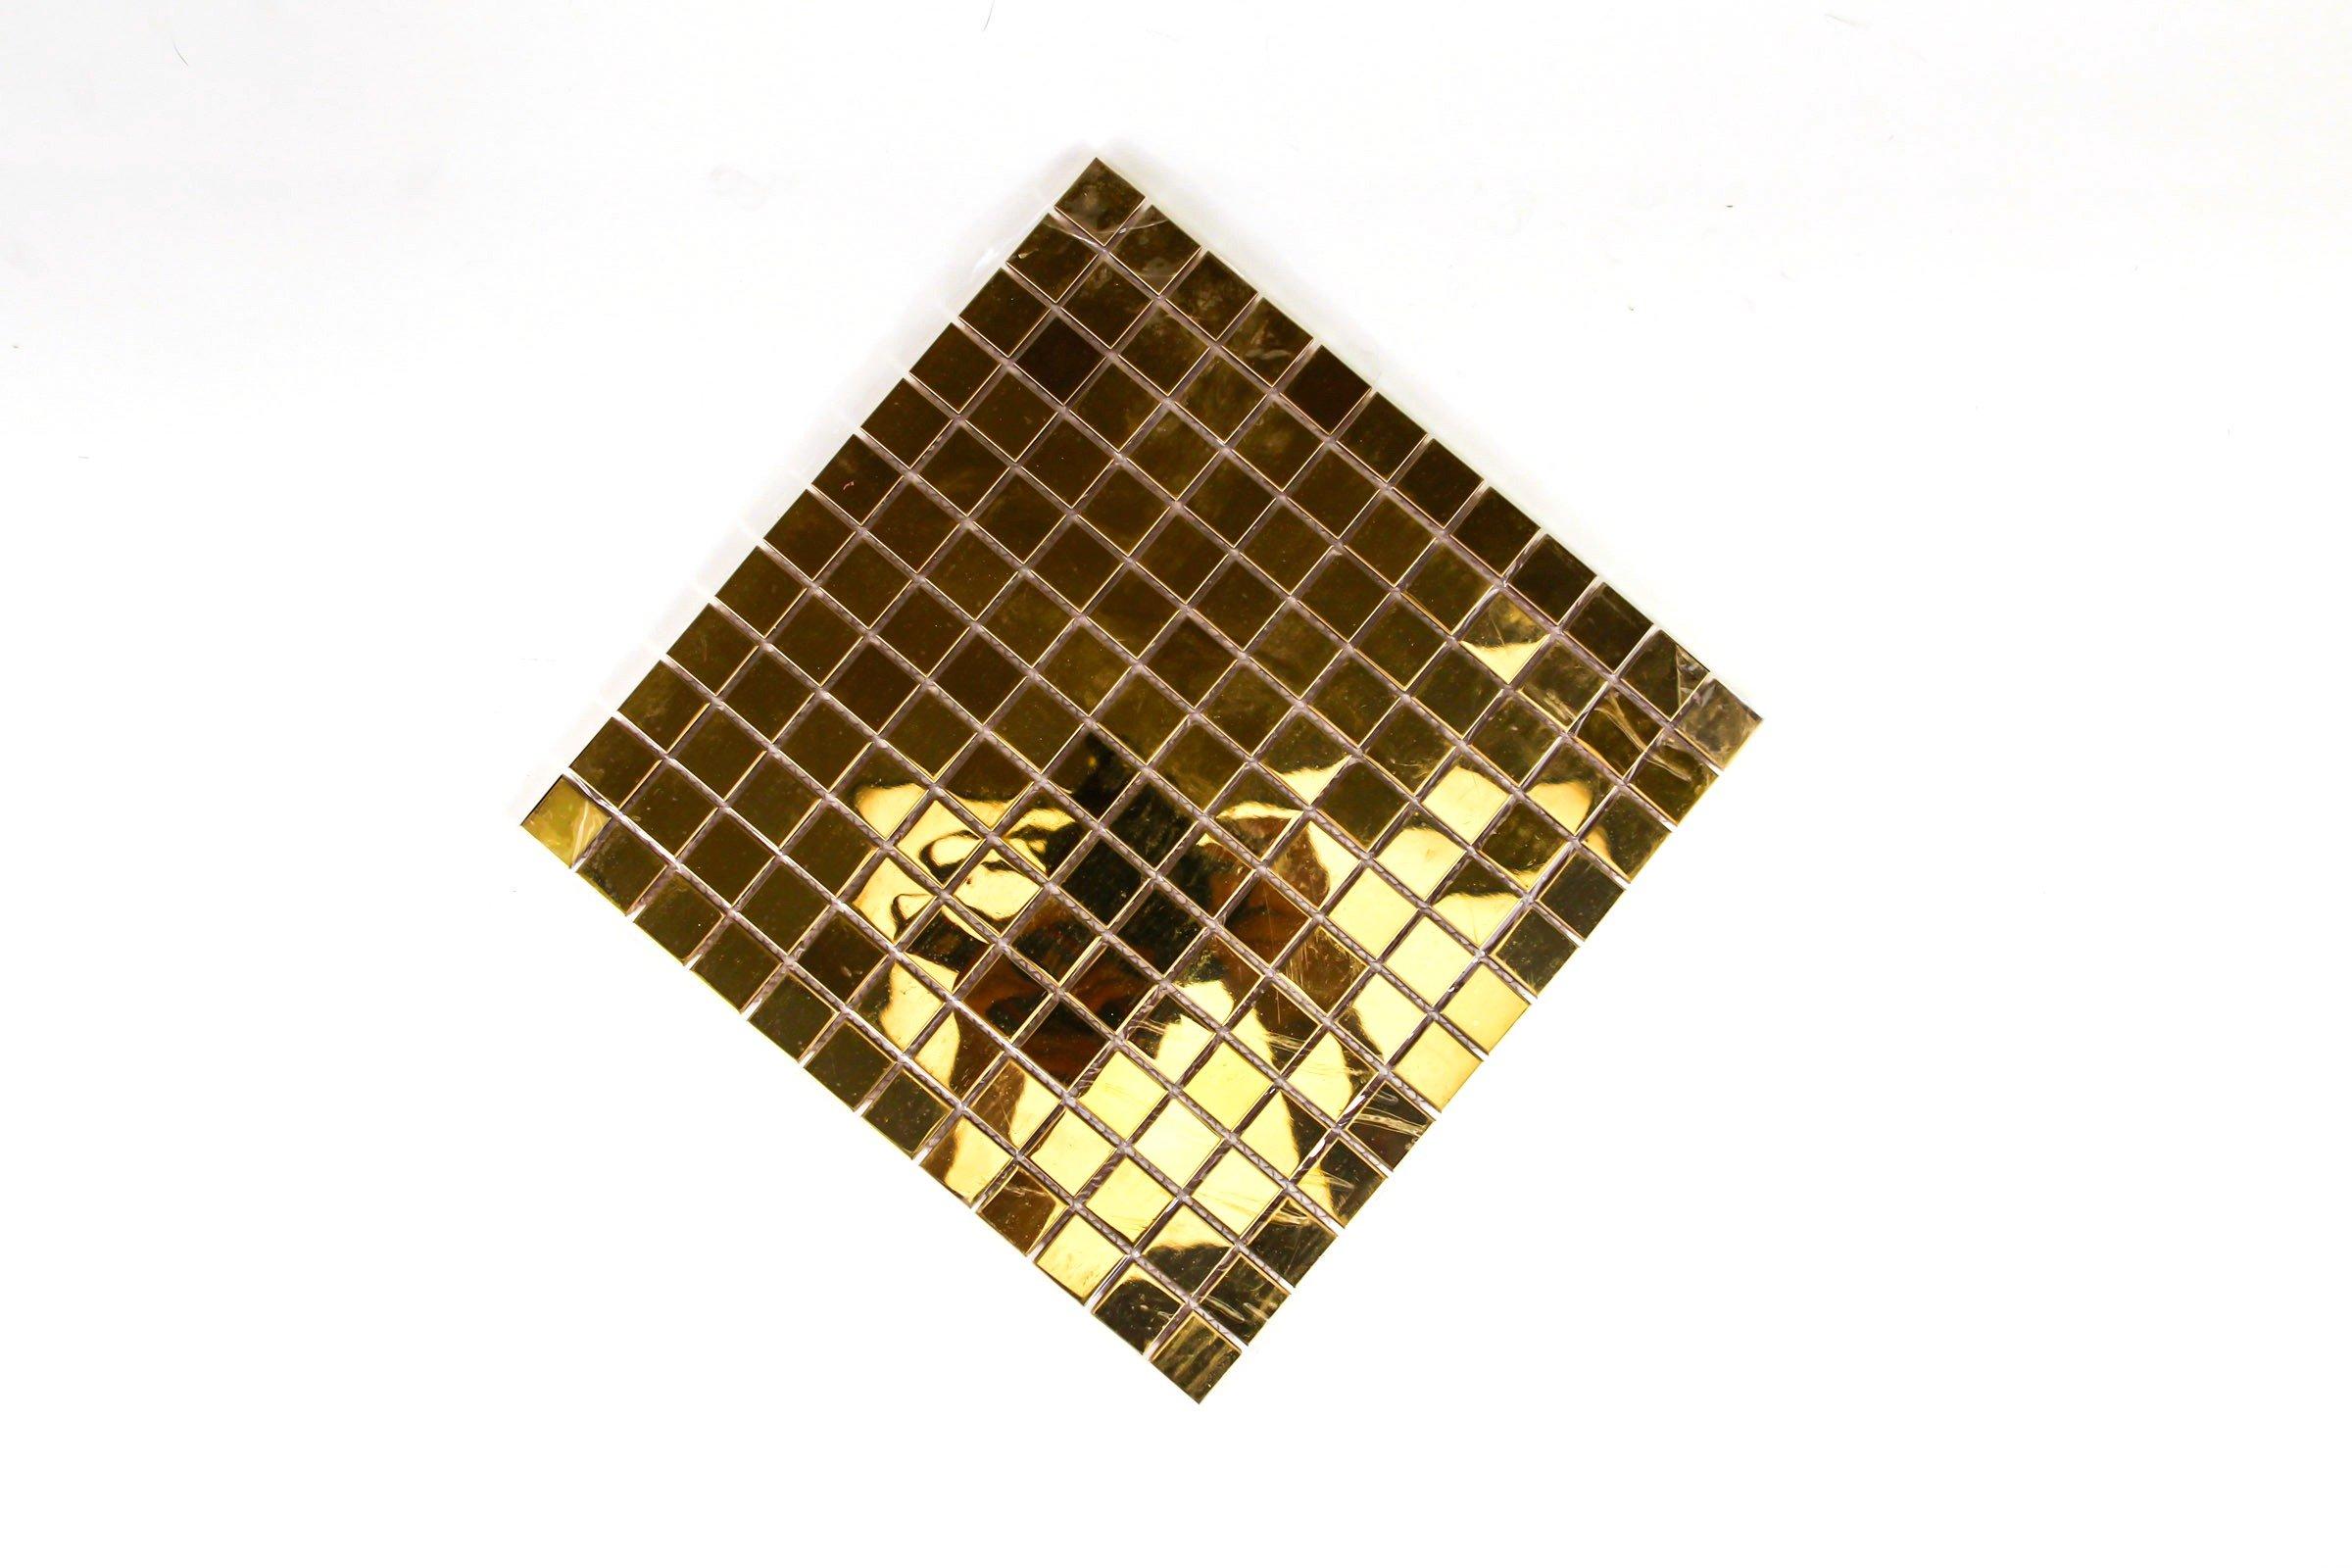 glasmosaik 30x30cm glasfliesen gold mosaikfliese bodenfliesen fliesen klein ebay. Black Bedroom Furniture Sets. Home Design Ideas